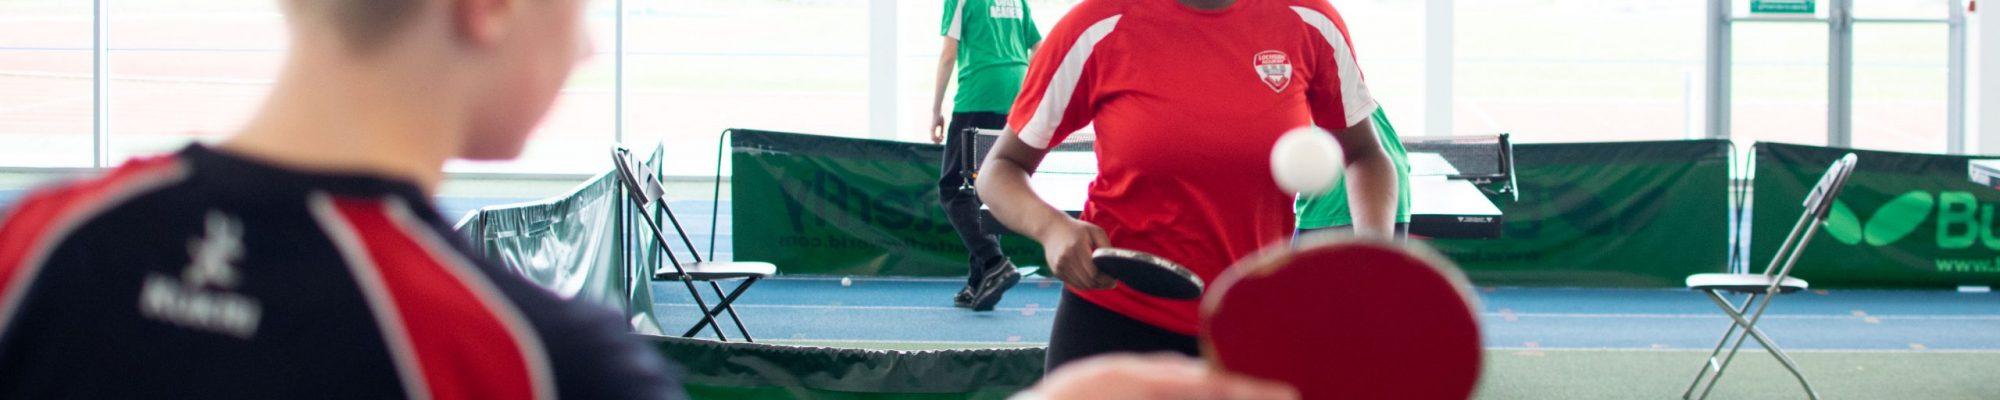 Volunteer with Active Schools